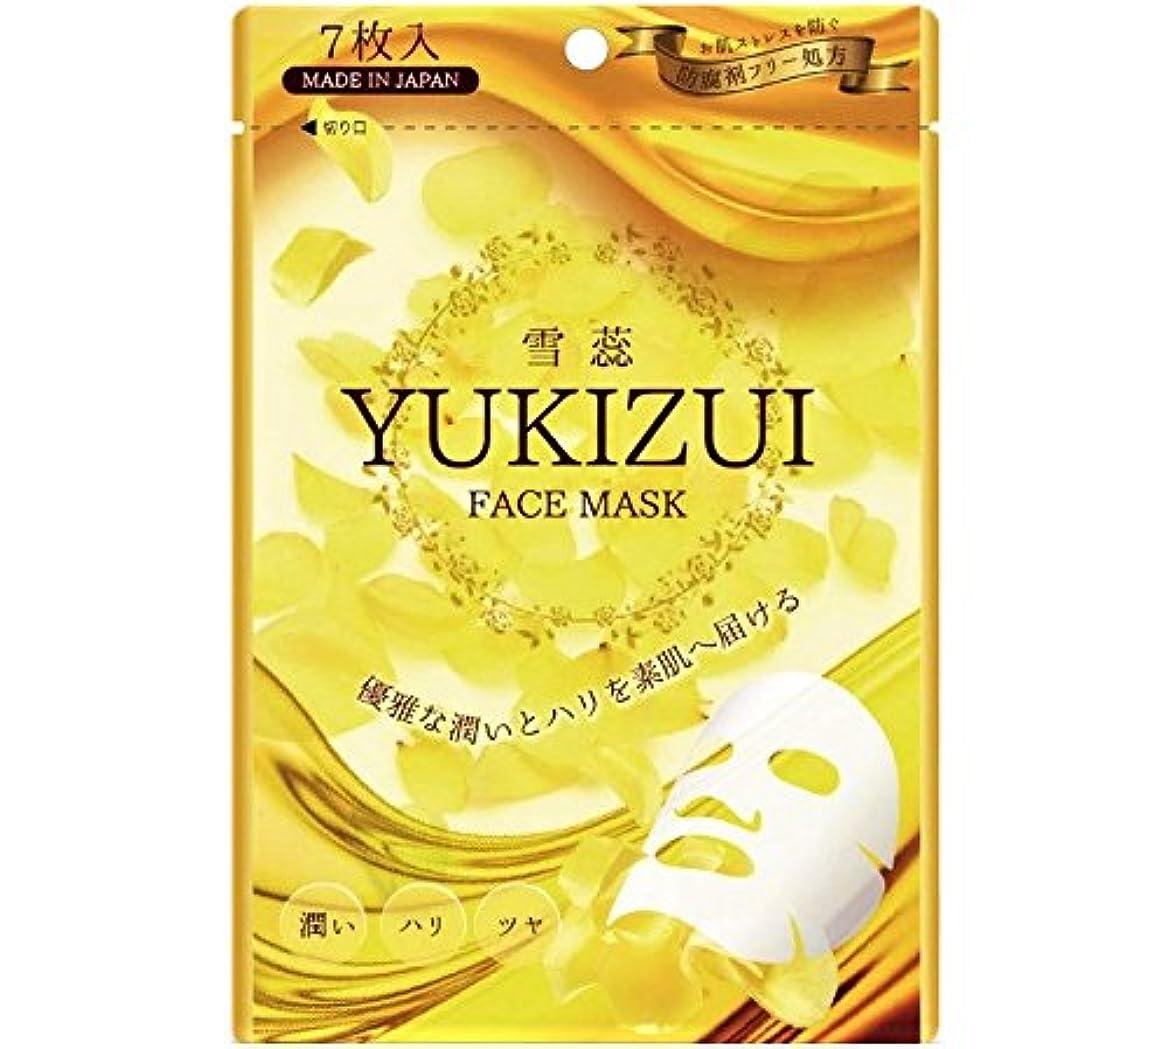 氷主流帽子雪蕊 YUKIZUI フェイスマスク 防腐剤フリー 天然コットン使用でふんわり密着感 7枚入